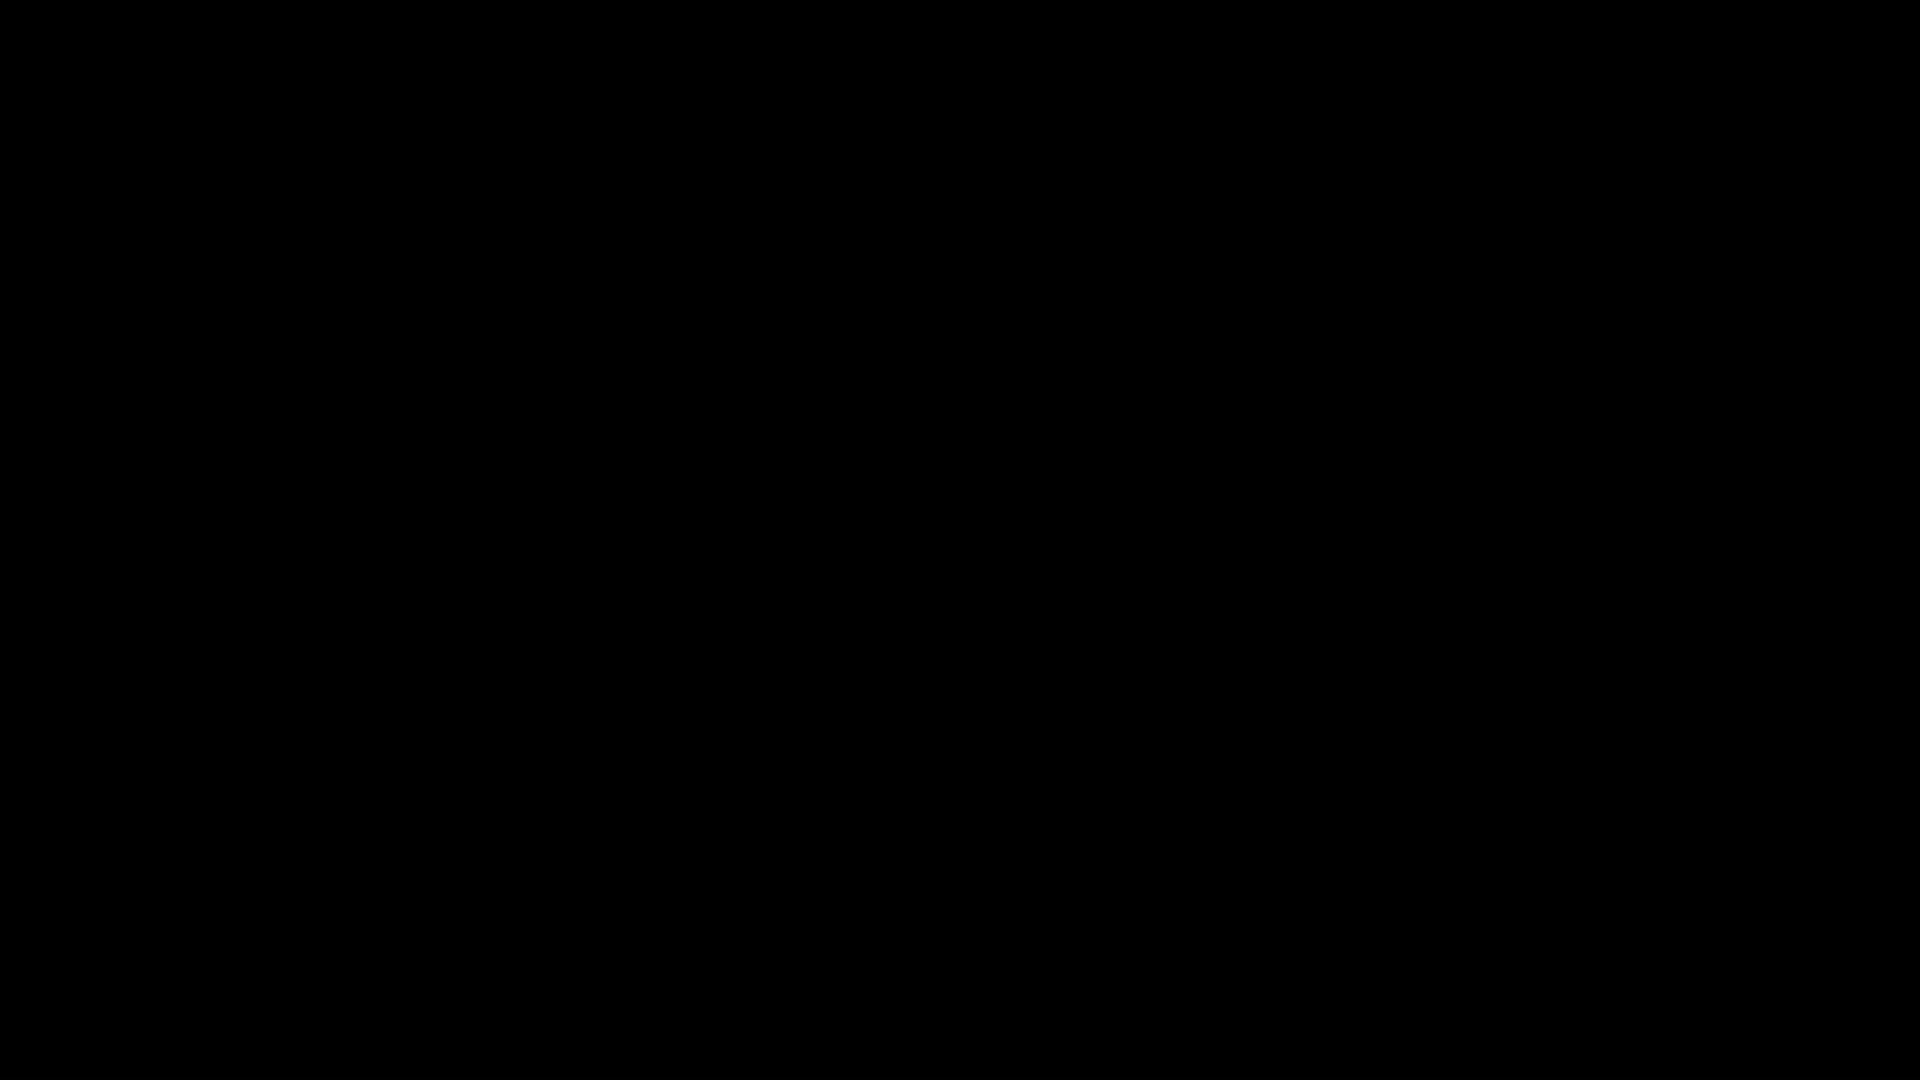 OEM Logotipo Personalizado Impressão UV Em Relevo Texturizado Comumente Usam Vários Cartões de Visita de Papel Reciclado para a Conferência